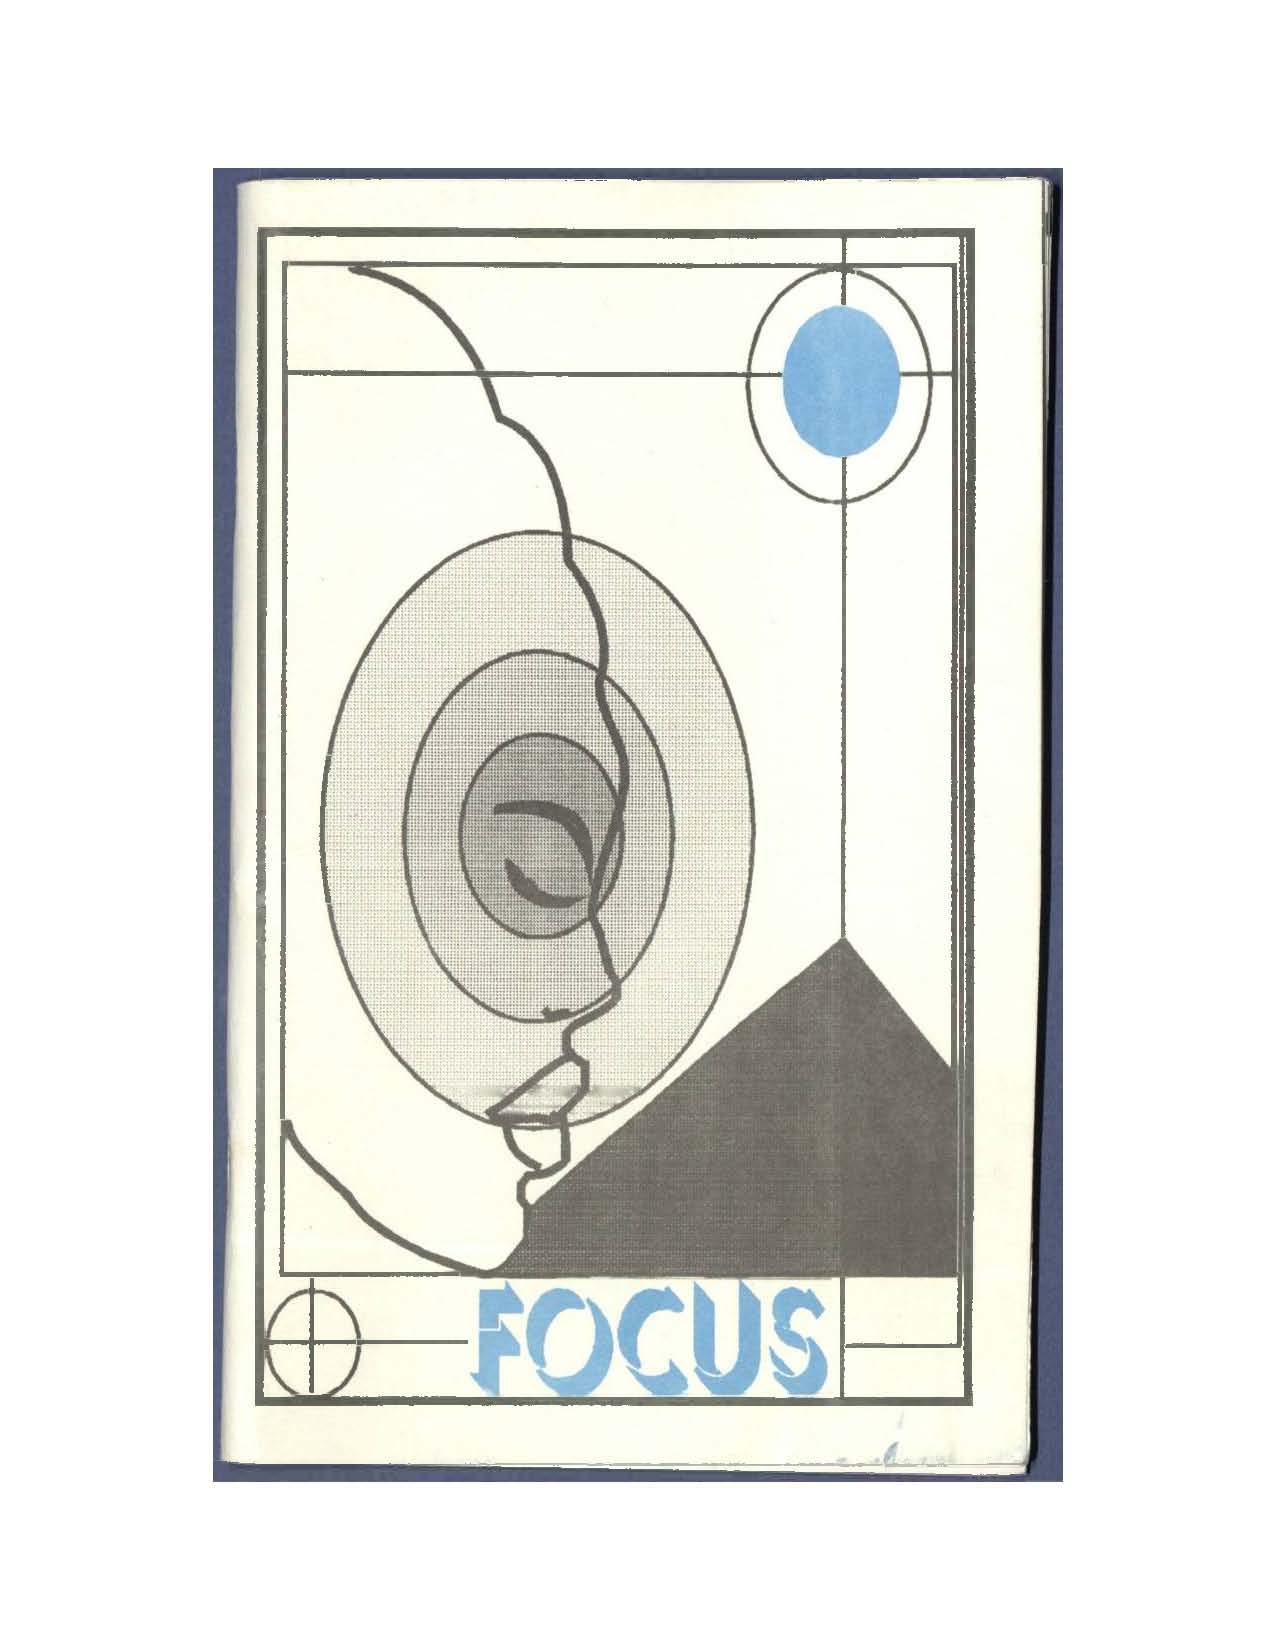 Focus 1991 Cover Image